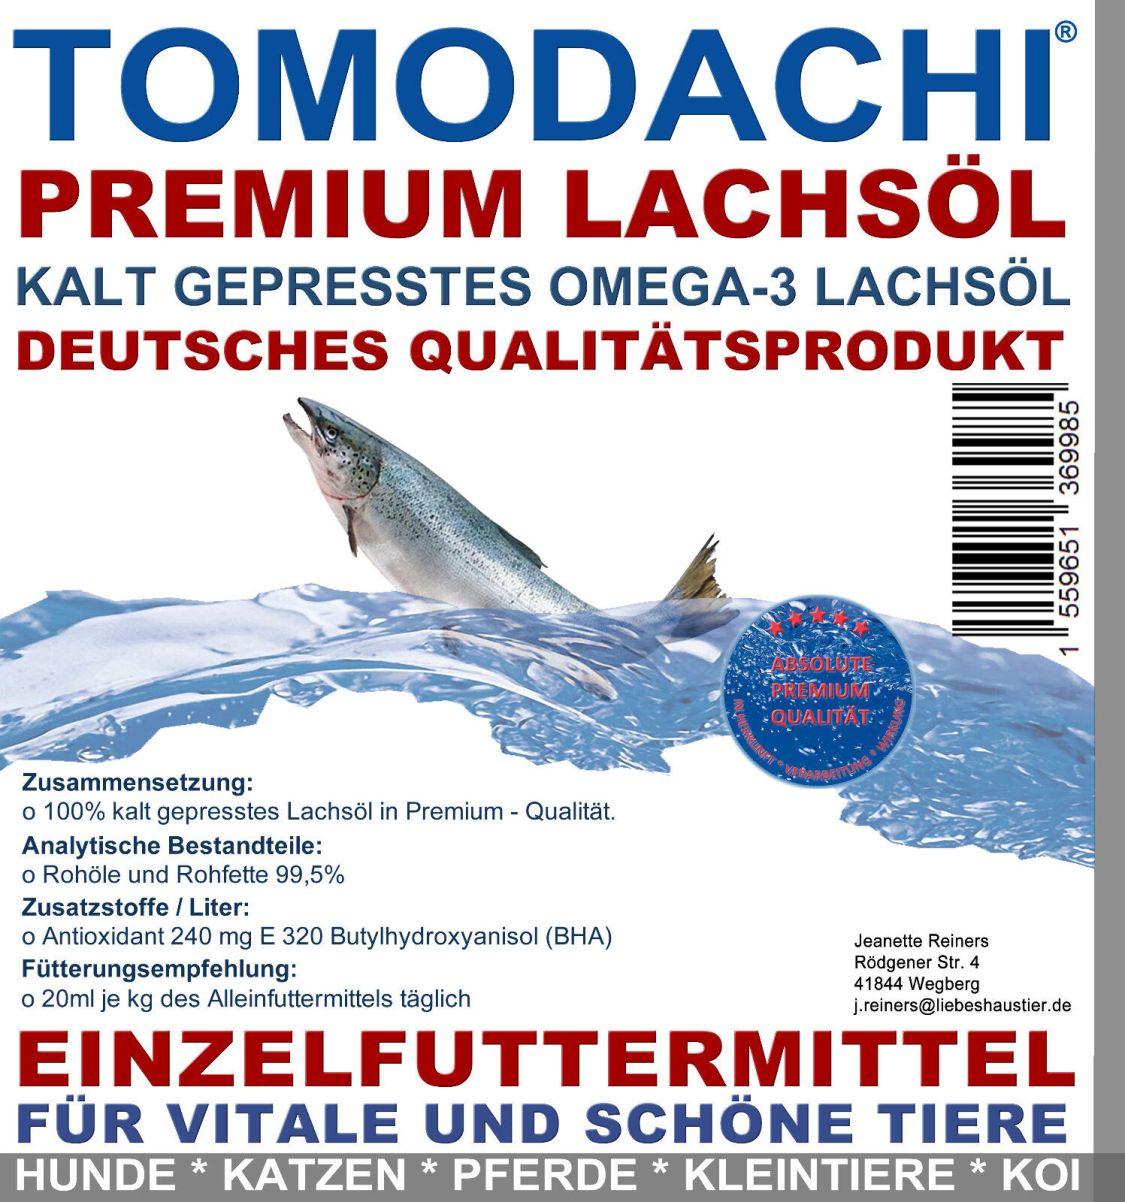 Lachsöl für Hunde, BARFen, reich an essentiellen Fettsäuren, Omega 3 Lachsöl 20L